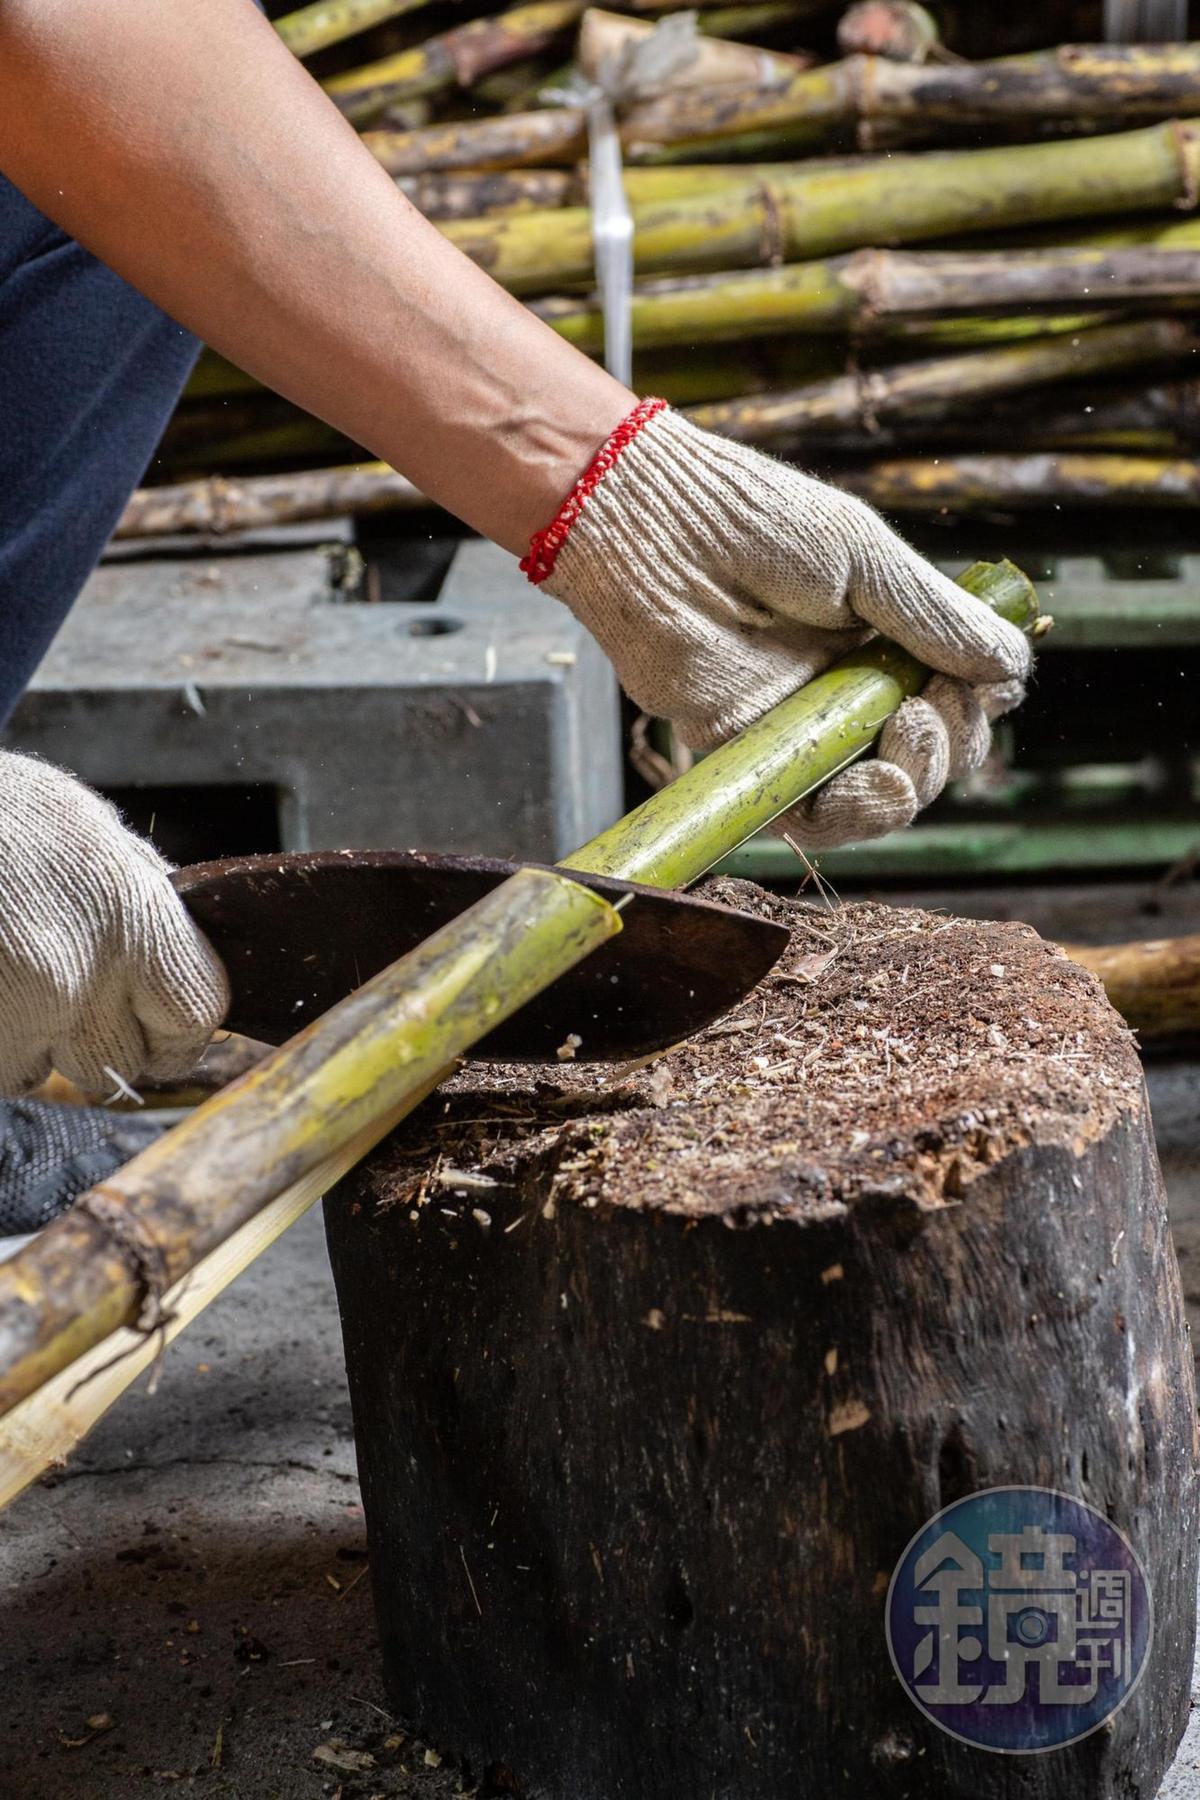 賴政宏說,白甘蔗纖維細長,容易剖開處理。